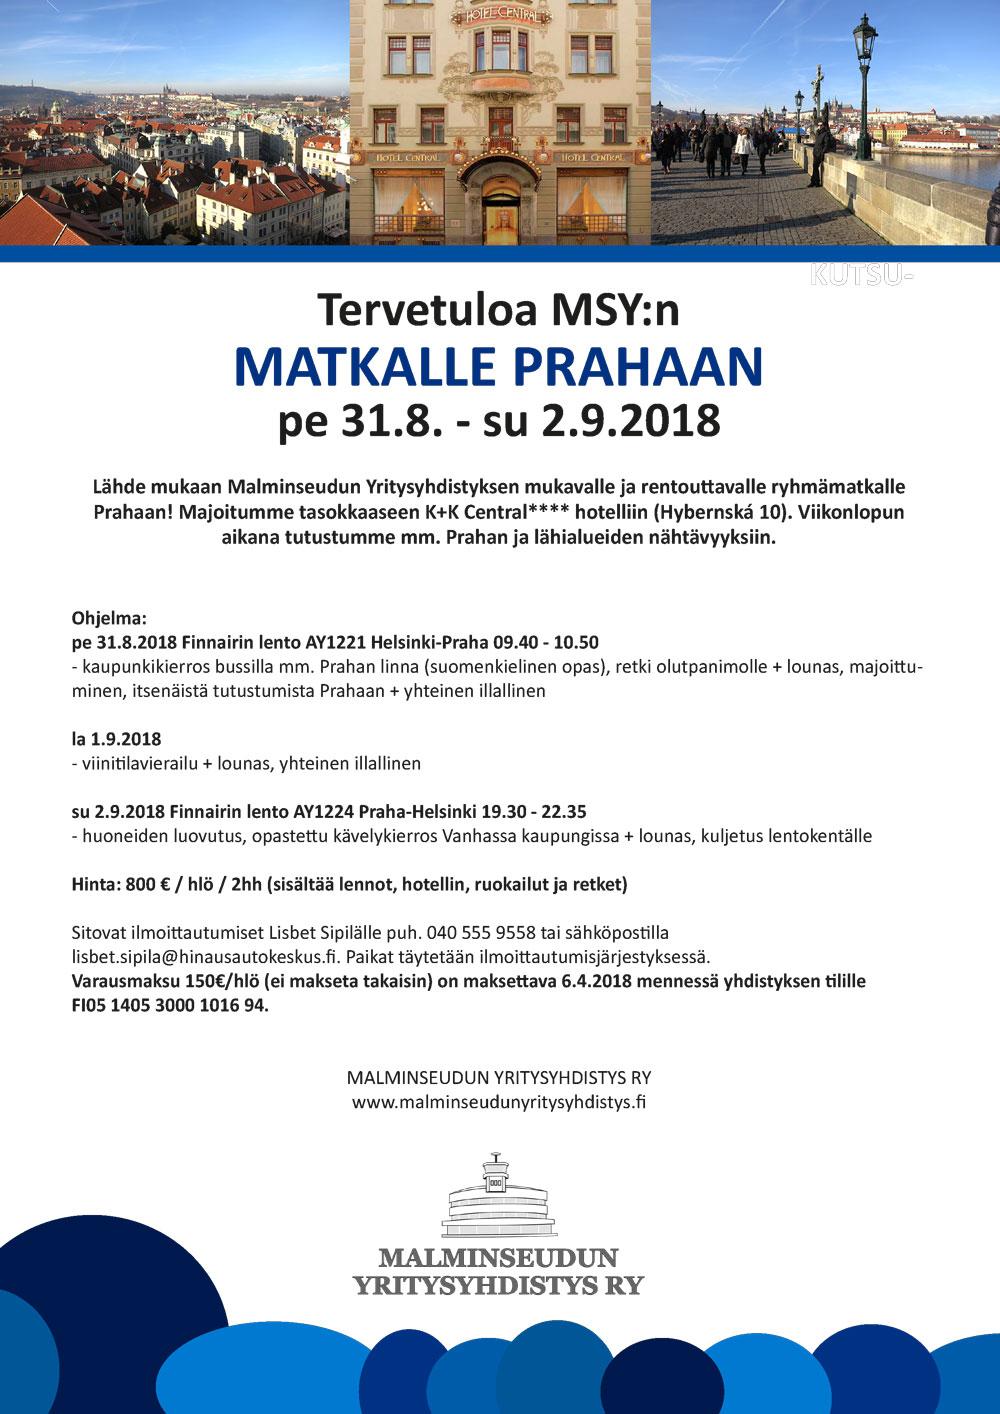 MSY Praha 31.8.-2.9.2018